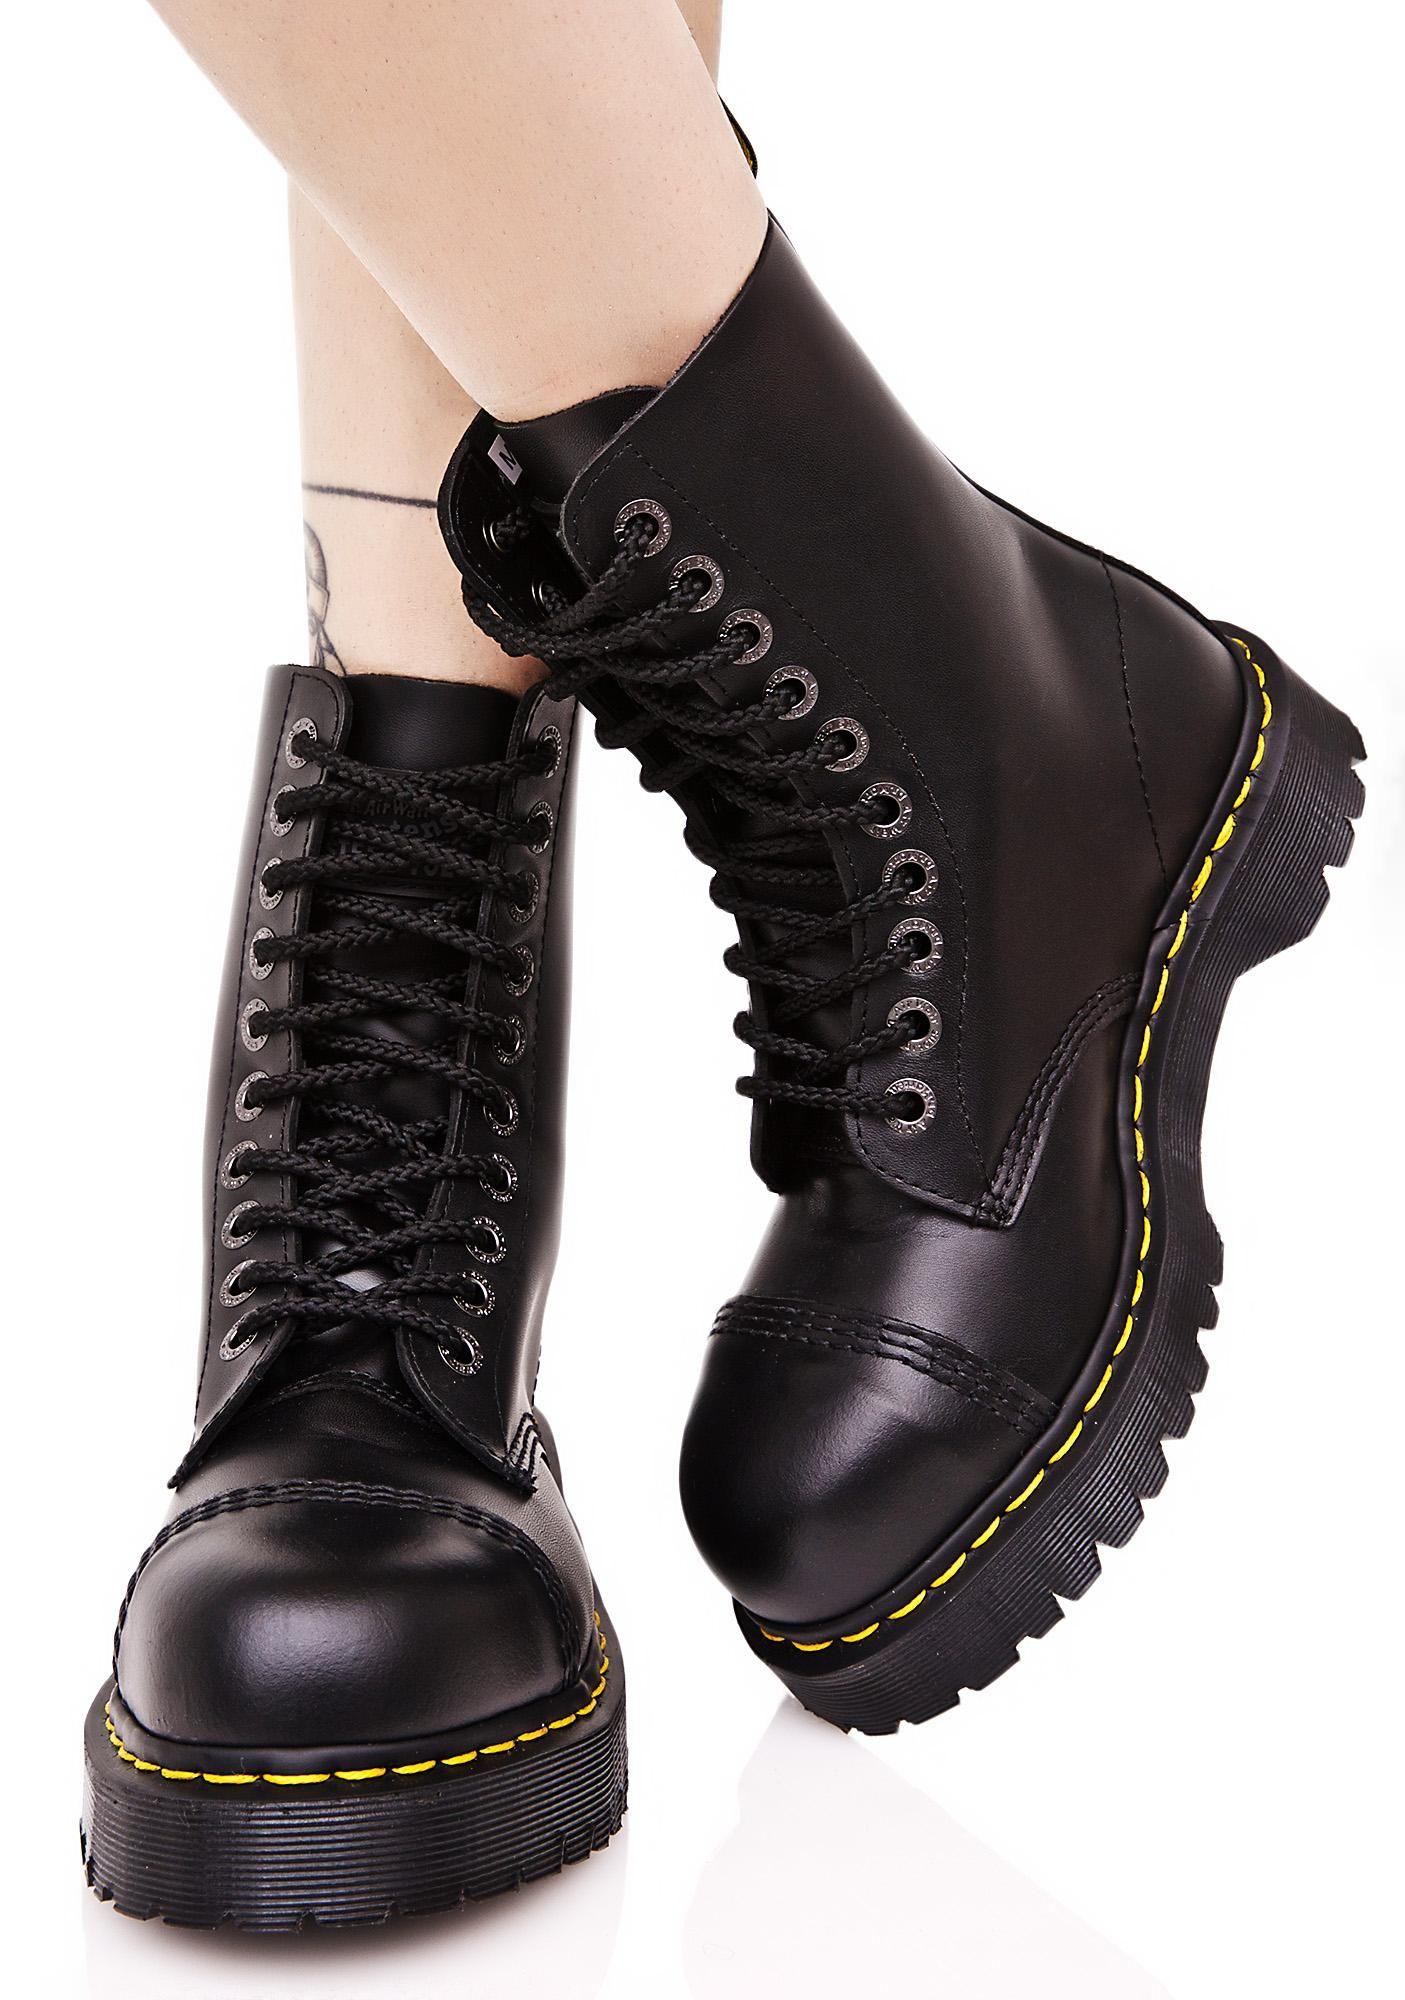 c74b26dc52d 8761 BXB Boots | Shoes | Boots, Shoes, Combat boots